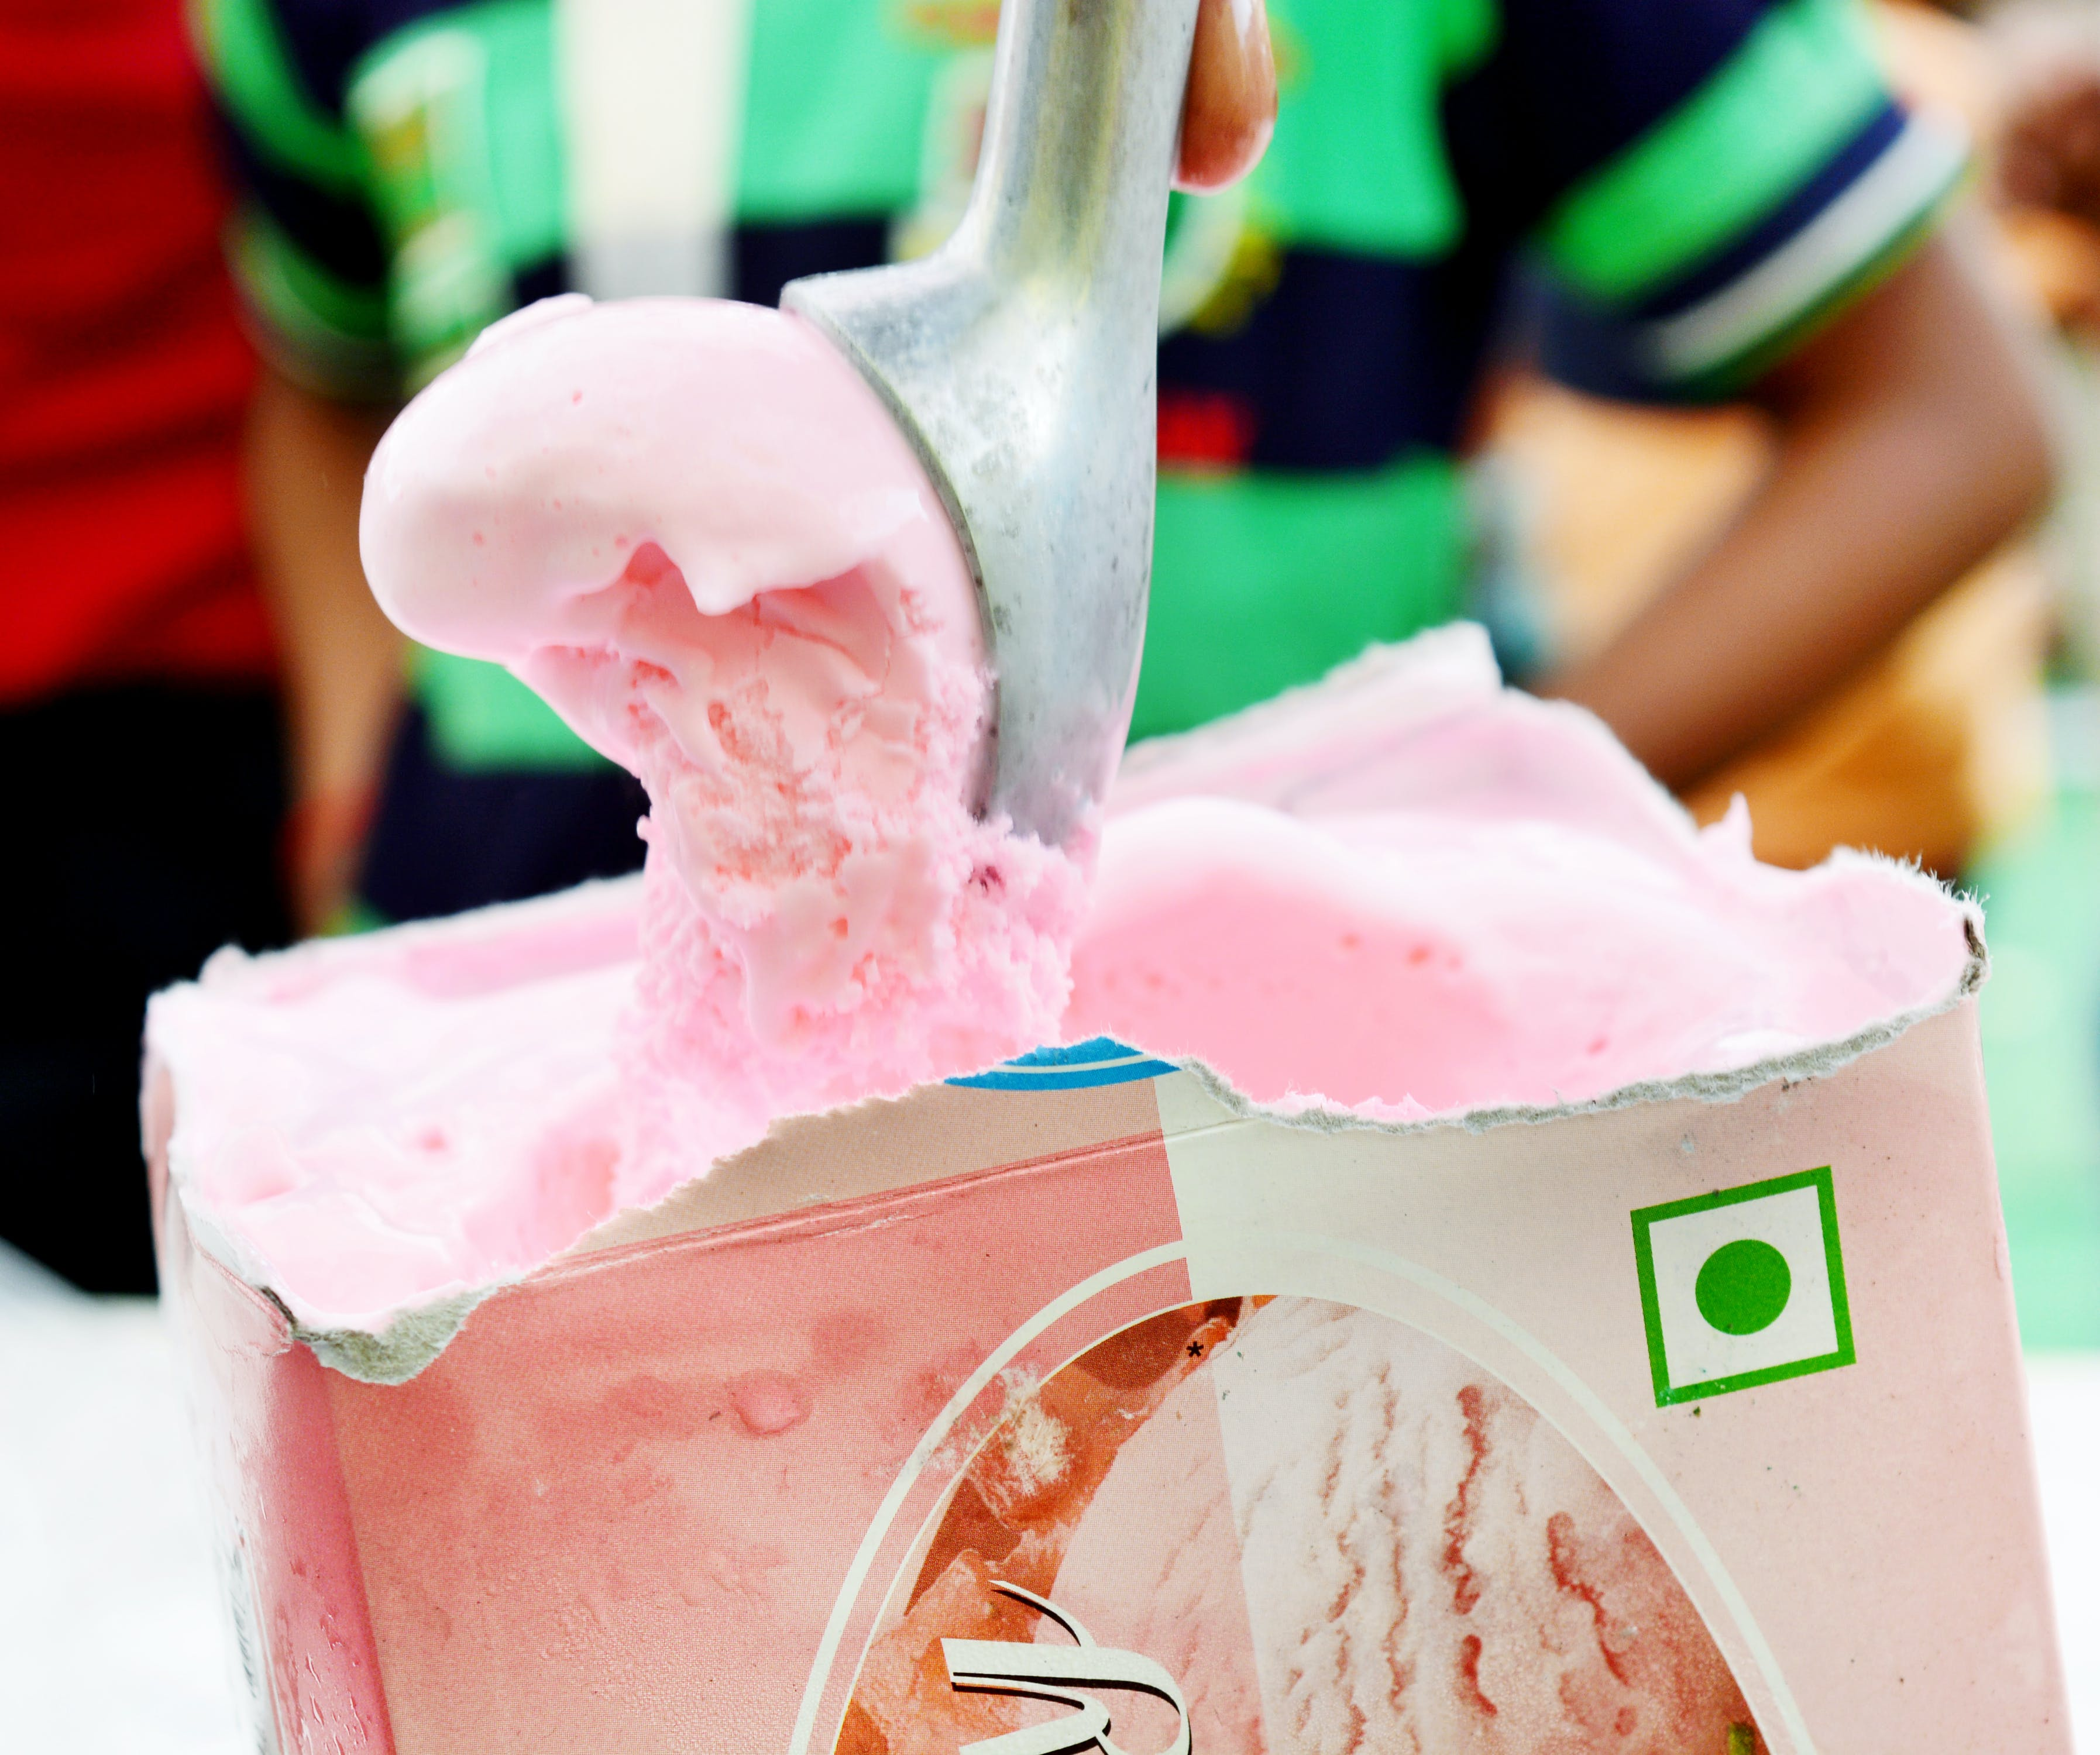 Gratis arkivbilde med amul, is, iskrem, jordbær